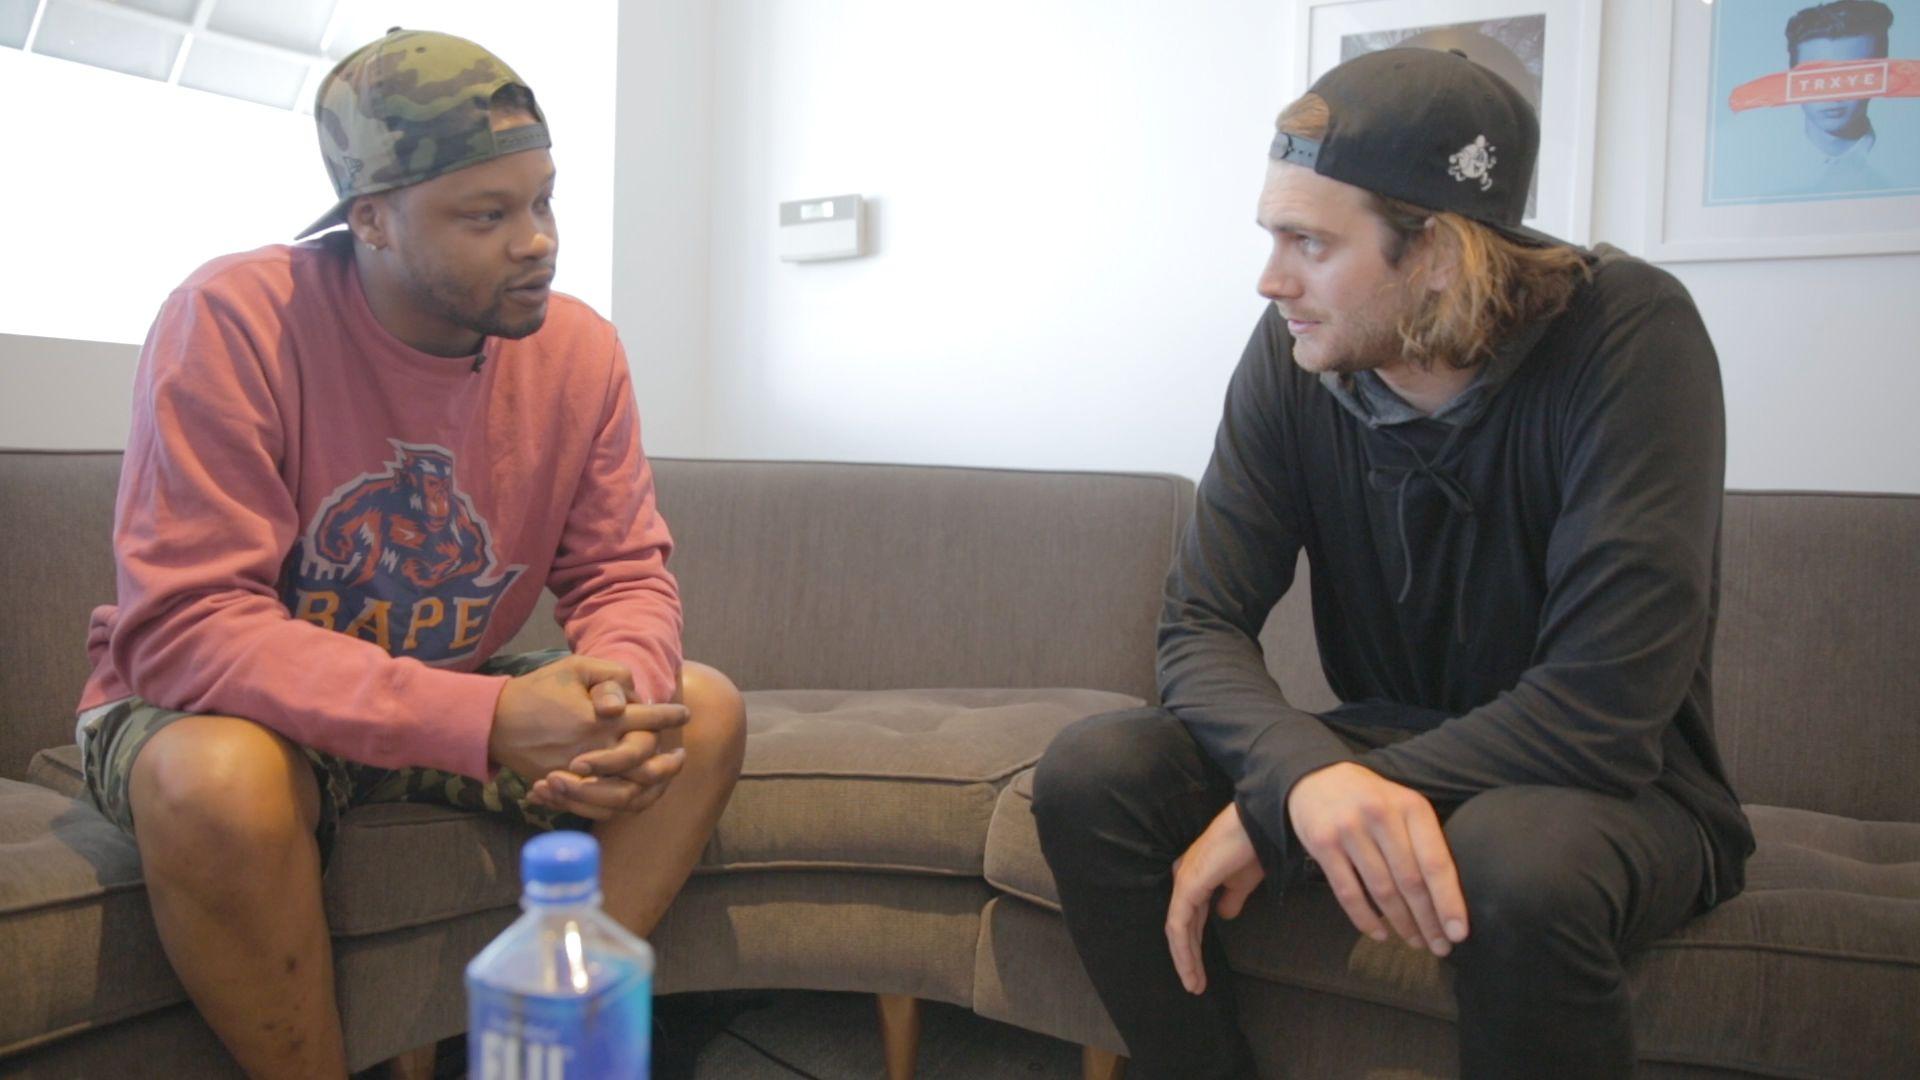 Skinny får satt opp et møte med den internasjonale superstjernen BJ The Chicago Kid på ikoniske Capitol Records. Her gir han en leksjon i hvordan man skal eie et møte.